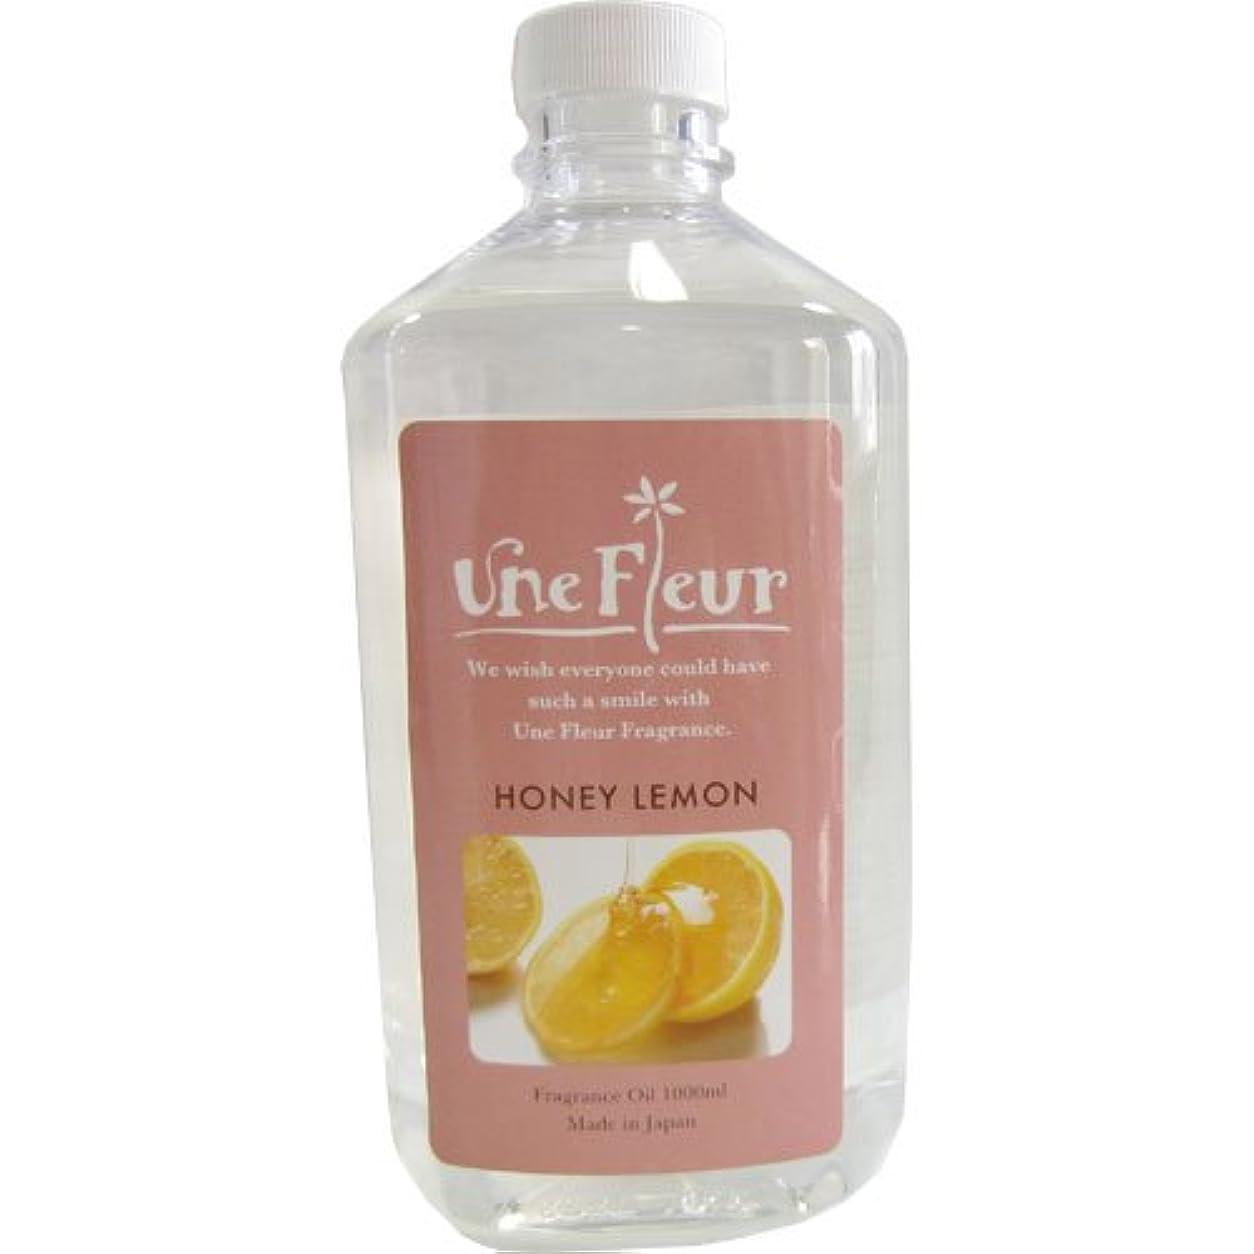 トピック薬用ドリンクUF UFフレグランスオイルハニーレモン 1L